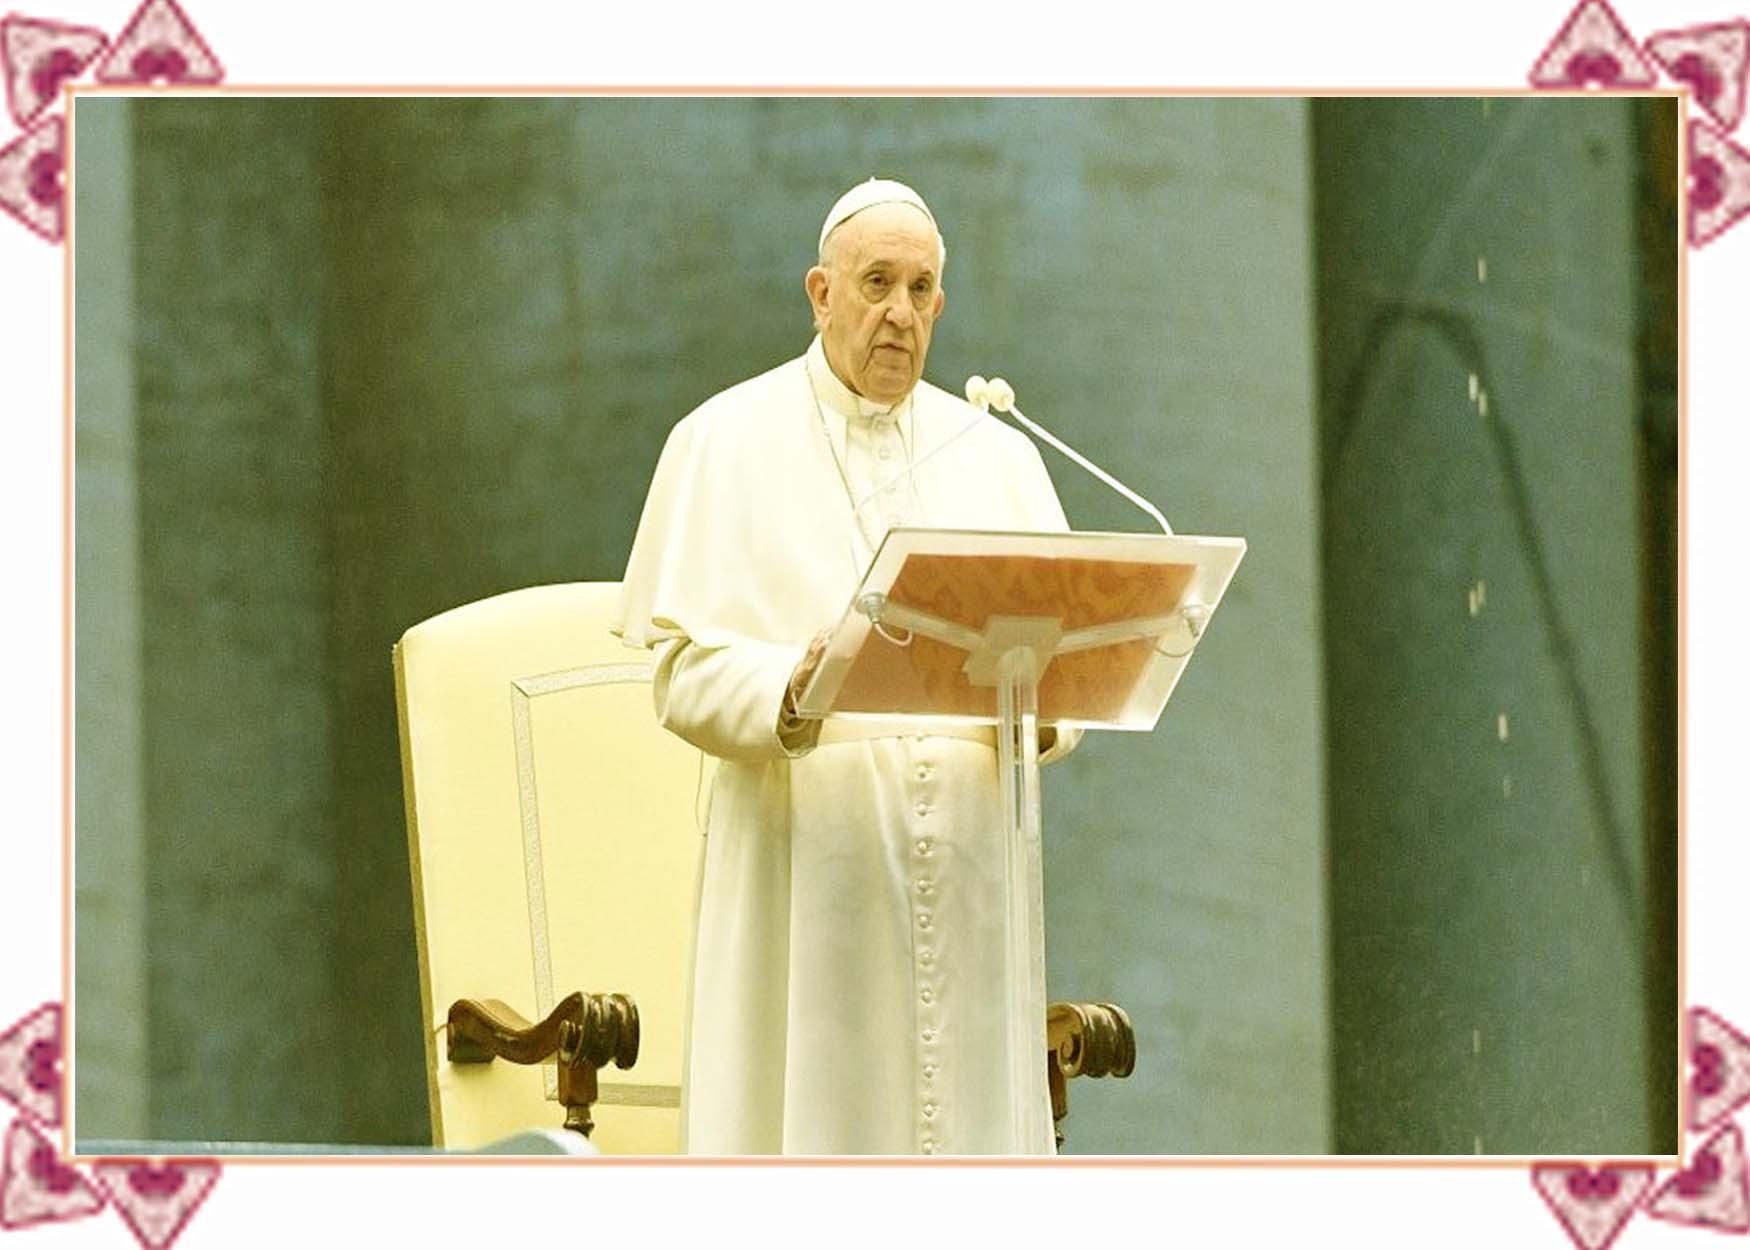 Bài giảng của ĐTC trong giờ cầu nguyện và ban phép lành Urbi et Orbi